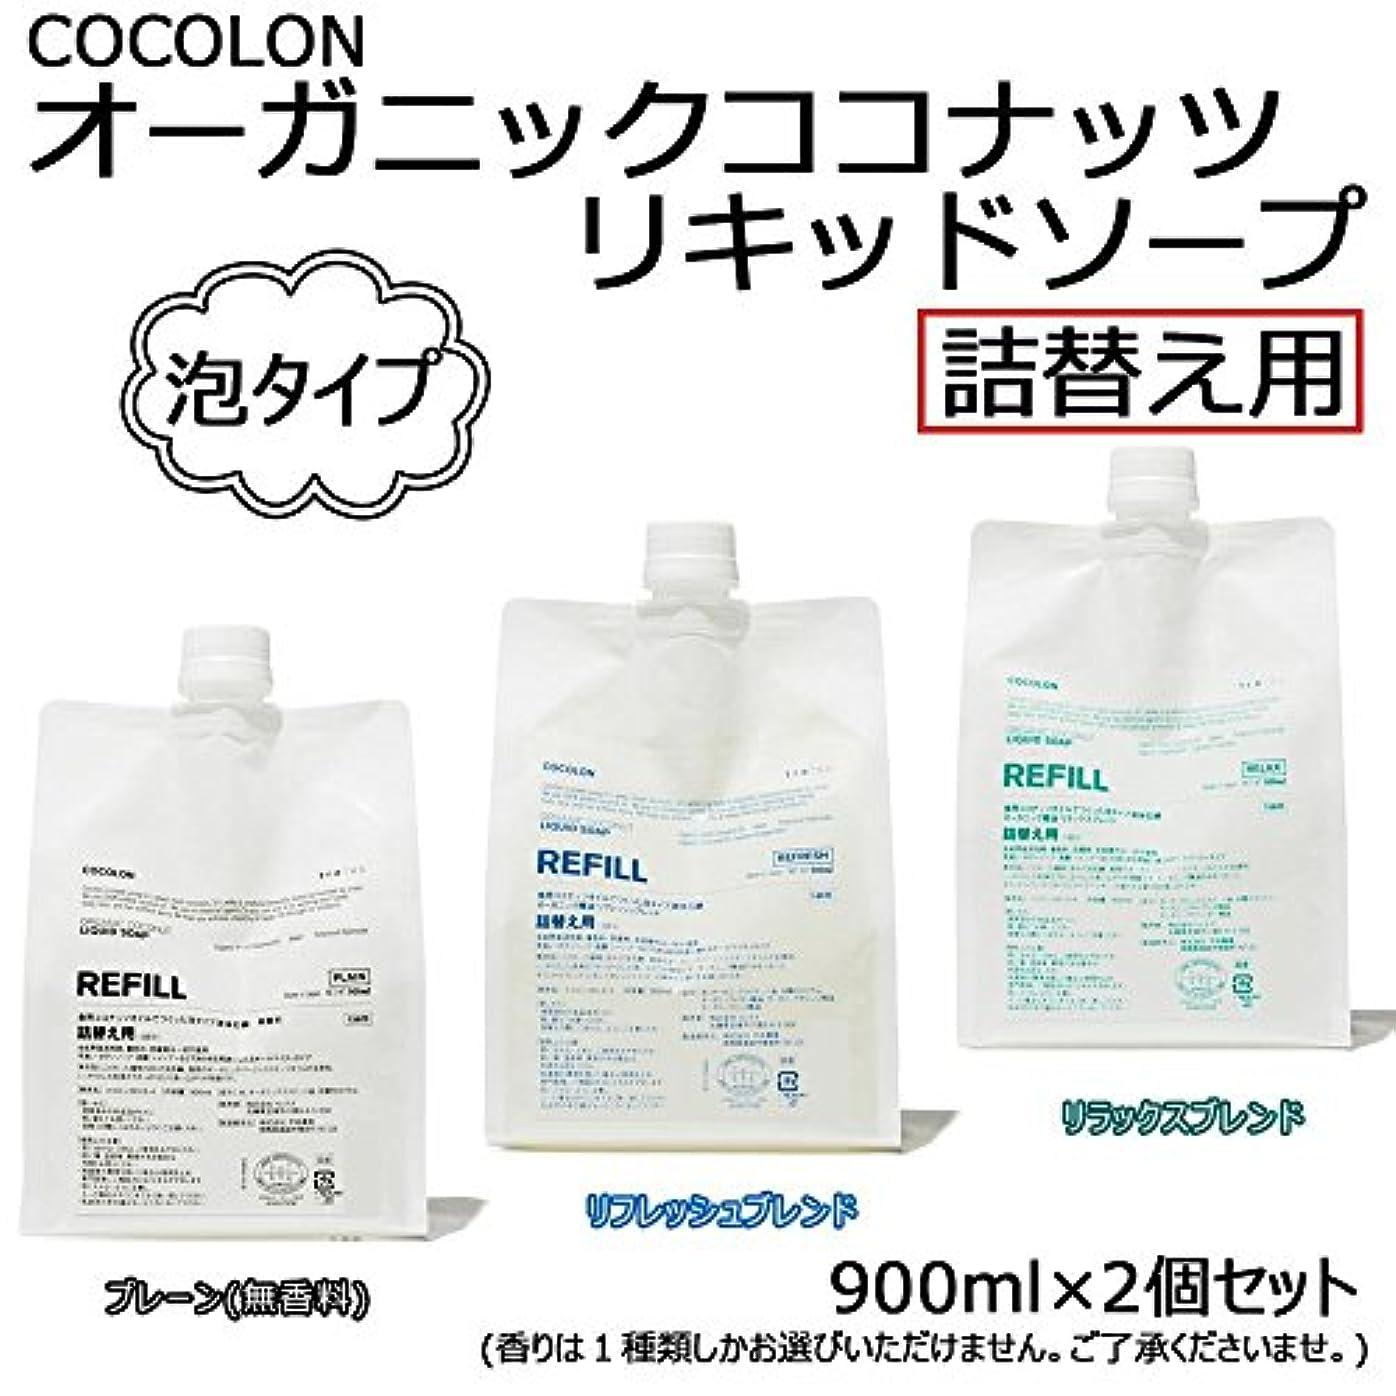 シンプルさ拮抗近代化するCOCOLON ココロン オーガニックココナッツリキッドソープ 泡タイプ 詰替え用 900ml 2個セット【同梱?代引不可】 ■3種類の内「リフレッシュブレンド」のみです